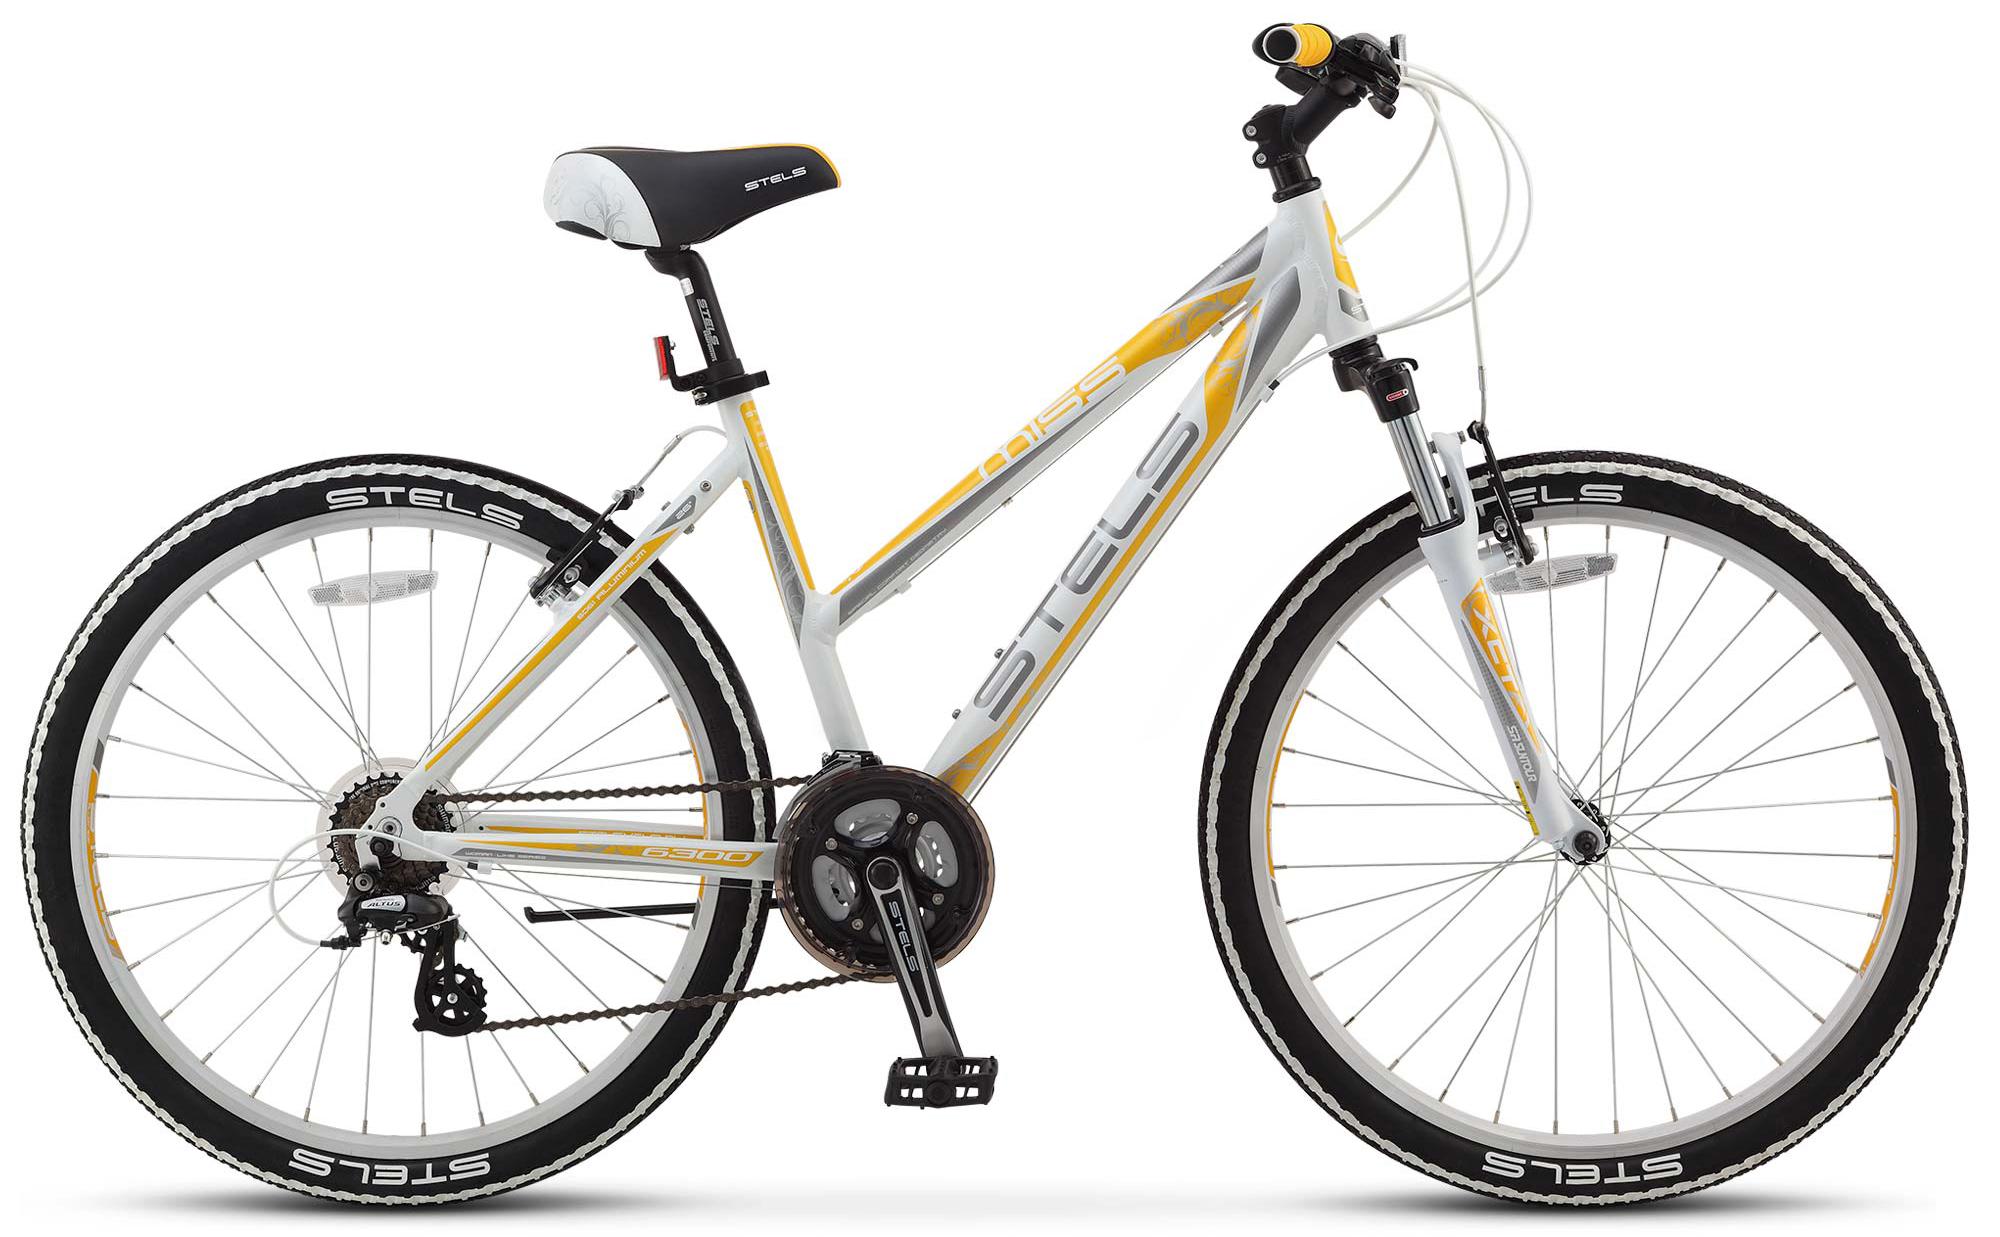 цена на Велосипед Stels Miss 6300 V 26 (V010) 2019